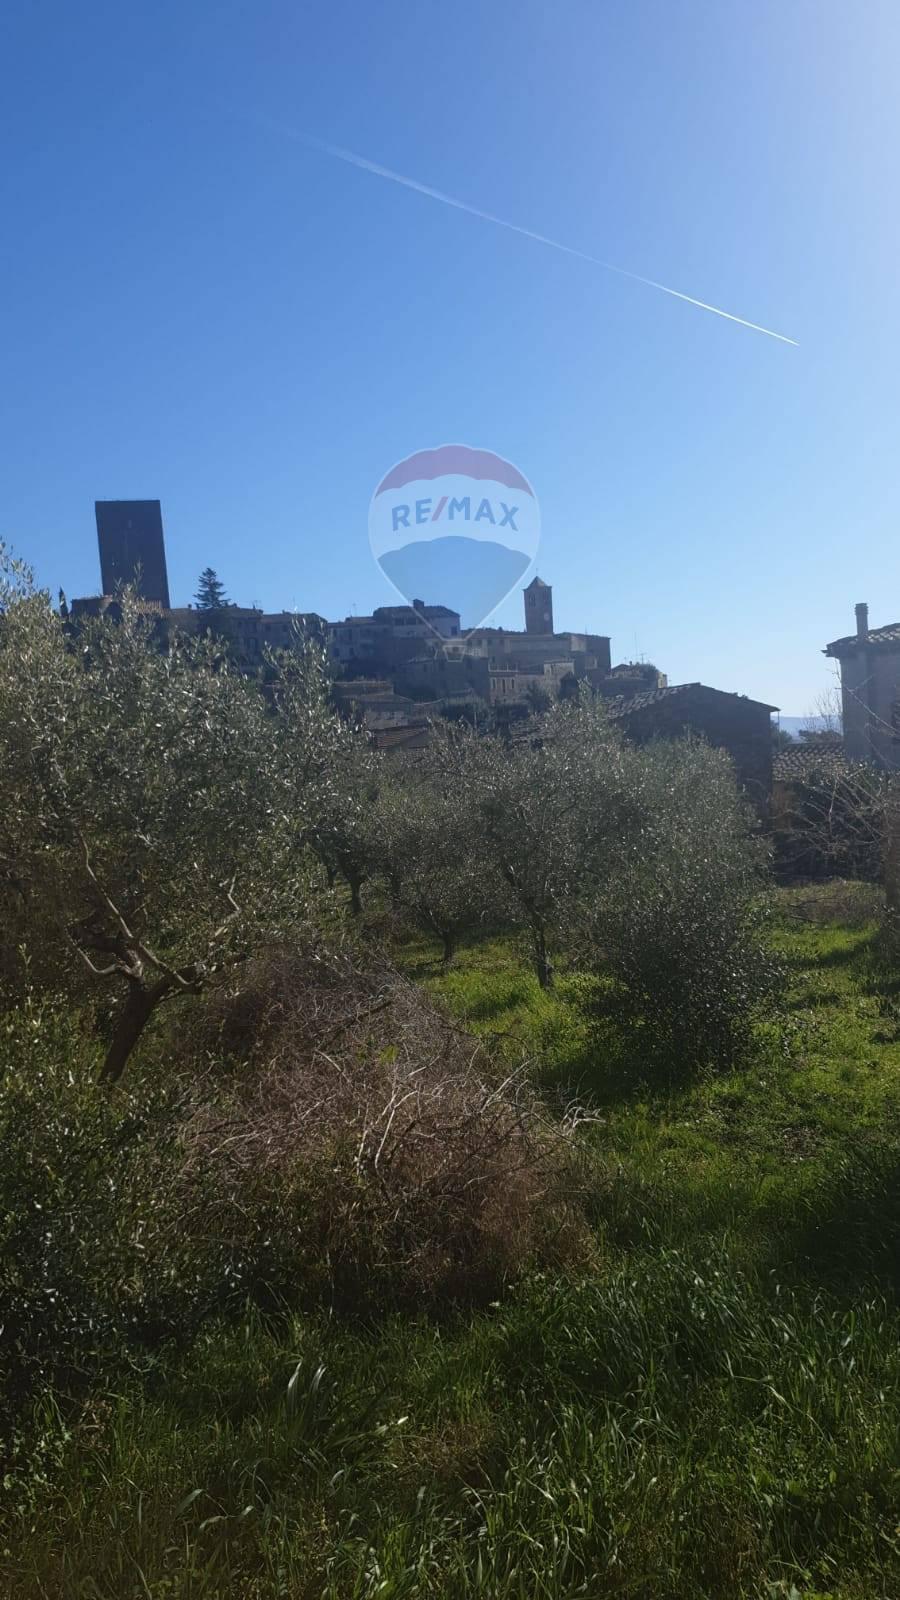 Appartamento in vendita a Montecatini Val di Cecina, 11 locali, prezzo € 115.000 | CambioCasa.it